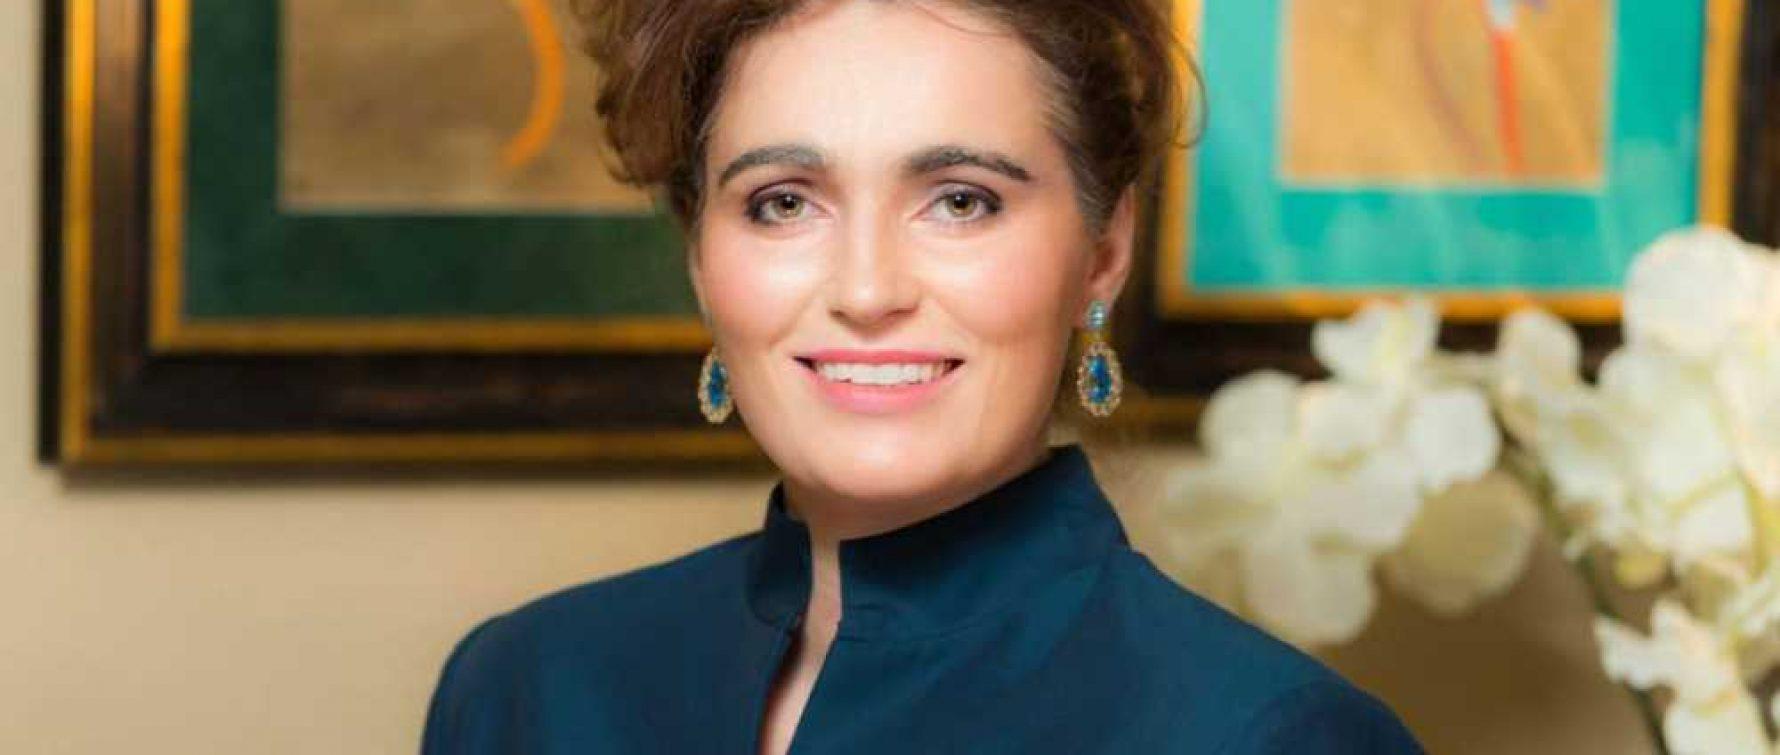 """Iulia Scântei, senator PNL Iași: """"Pentru Moldova si pentru Iași, cei 30 de ani au însemnat sărăcie și izolare marca PSD"""""""